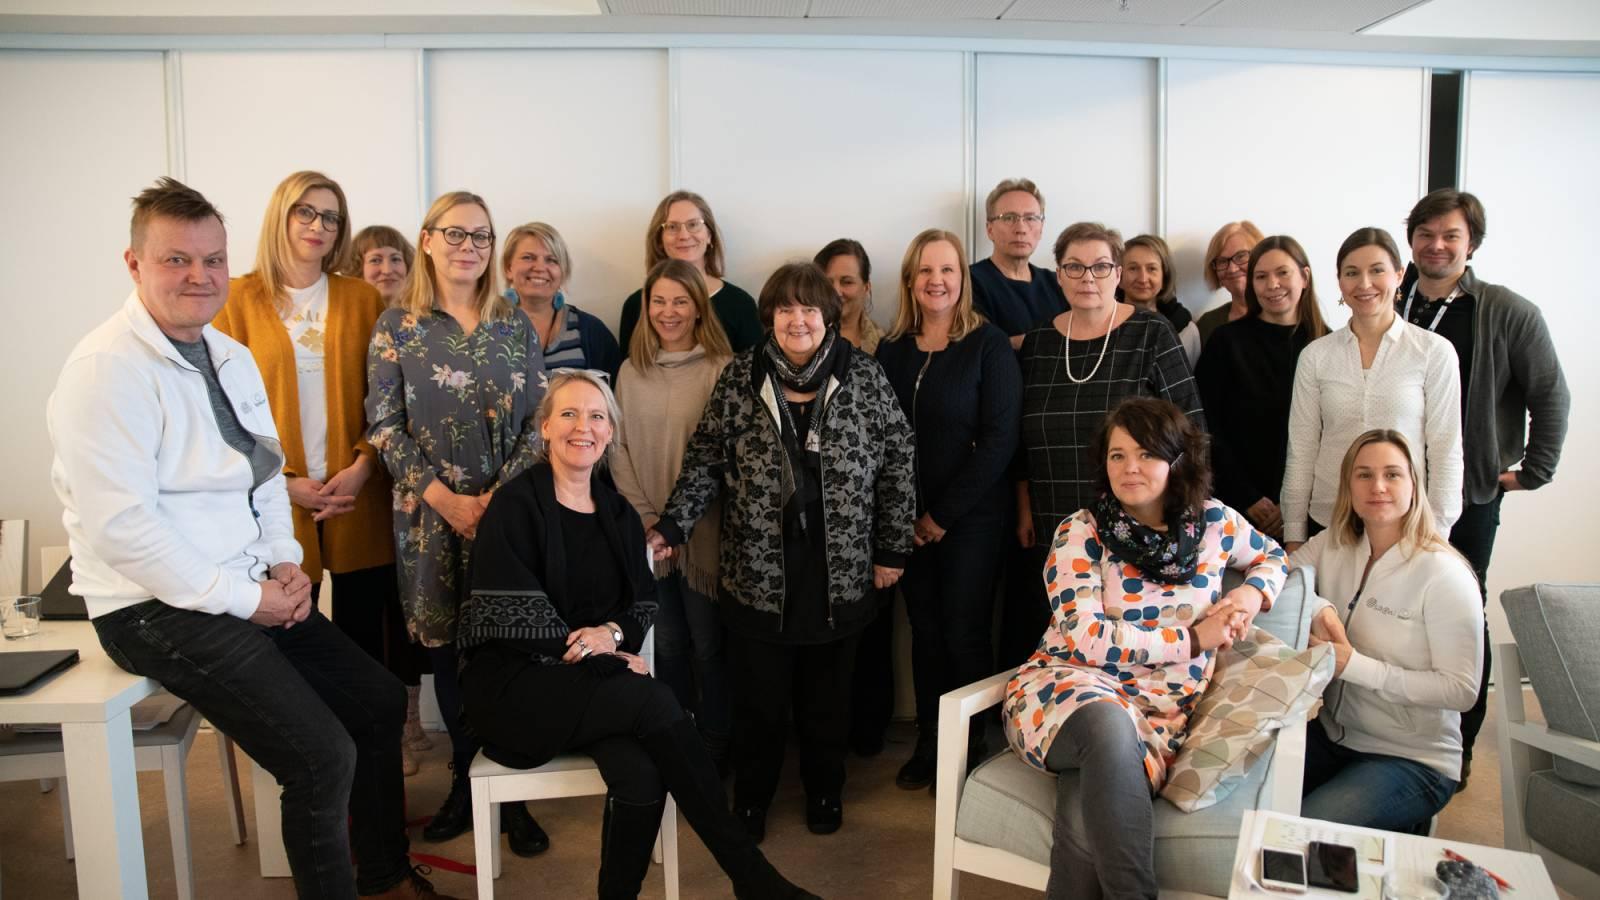 Tuotteistamiskoulutuksen osallistujat ryhmäkuvassa. Keskellä kouluttaja, FT Marja Toivonen.